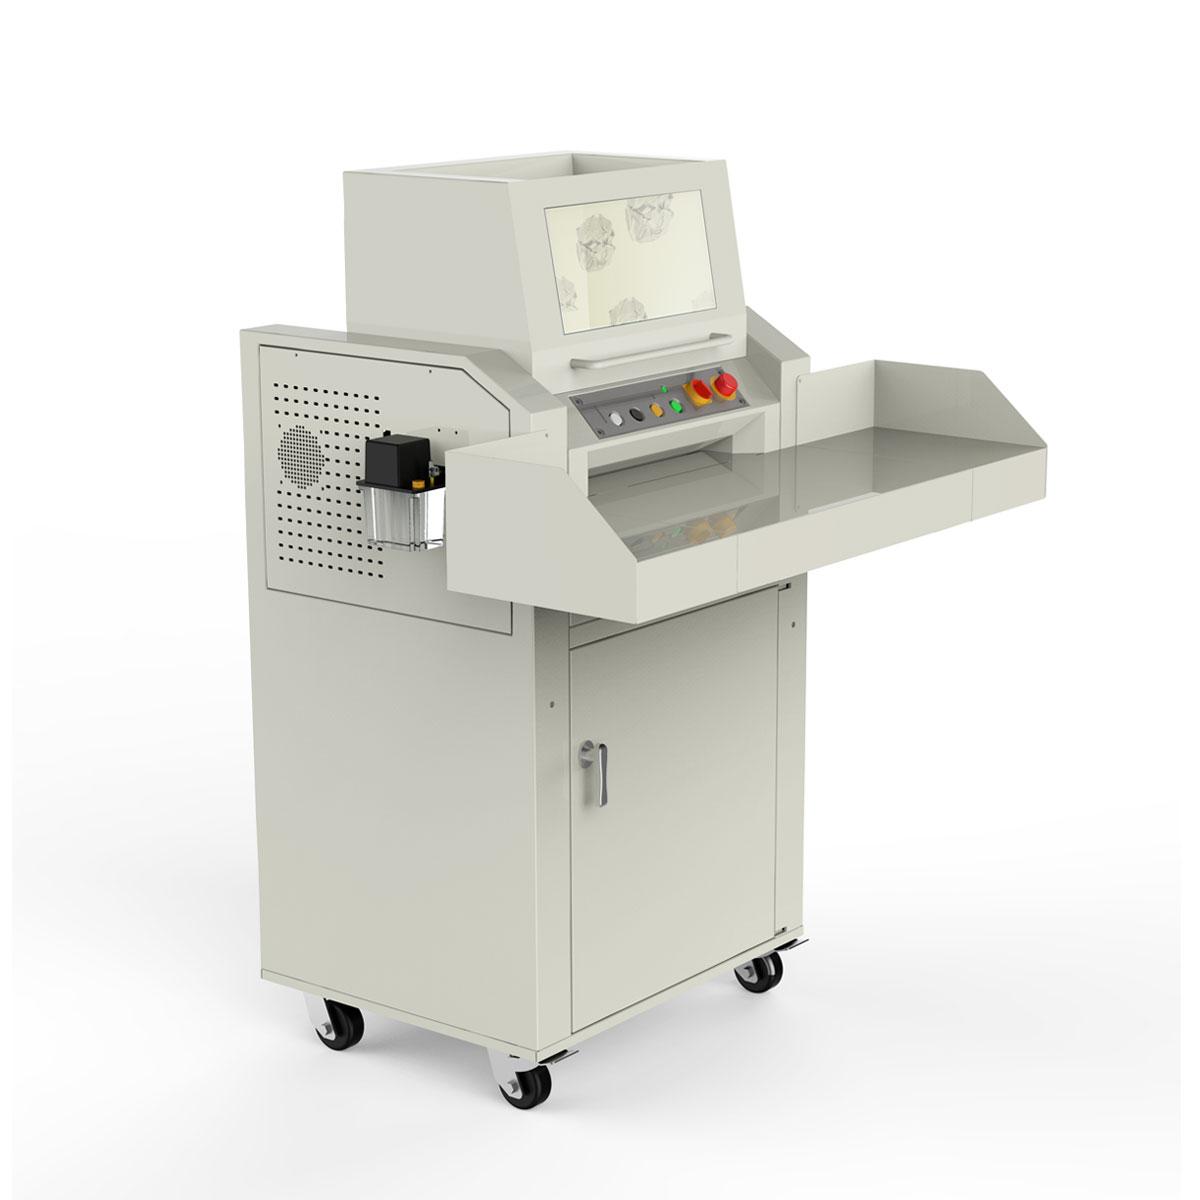 浩顺S-4670碎纸机(1PH/三相电专用)